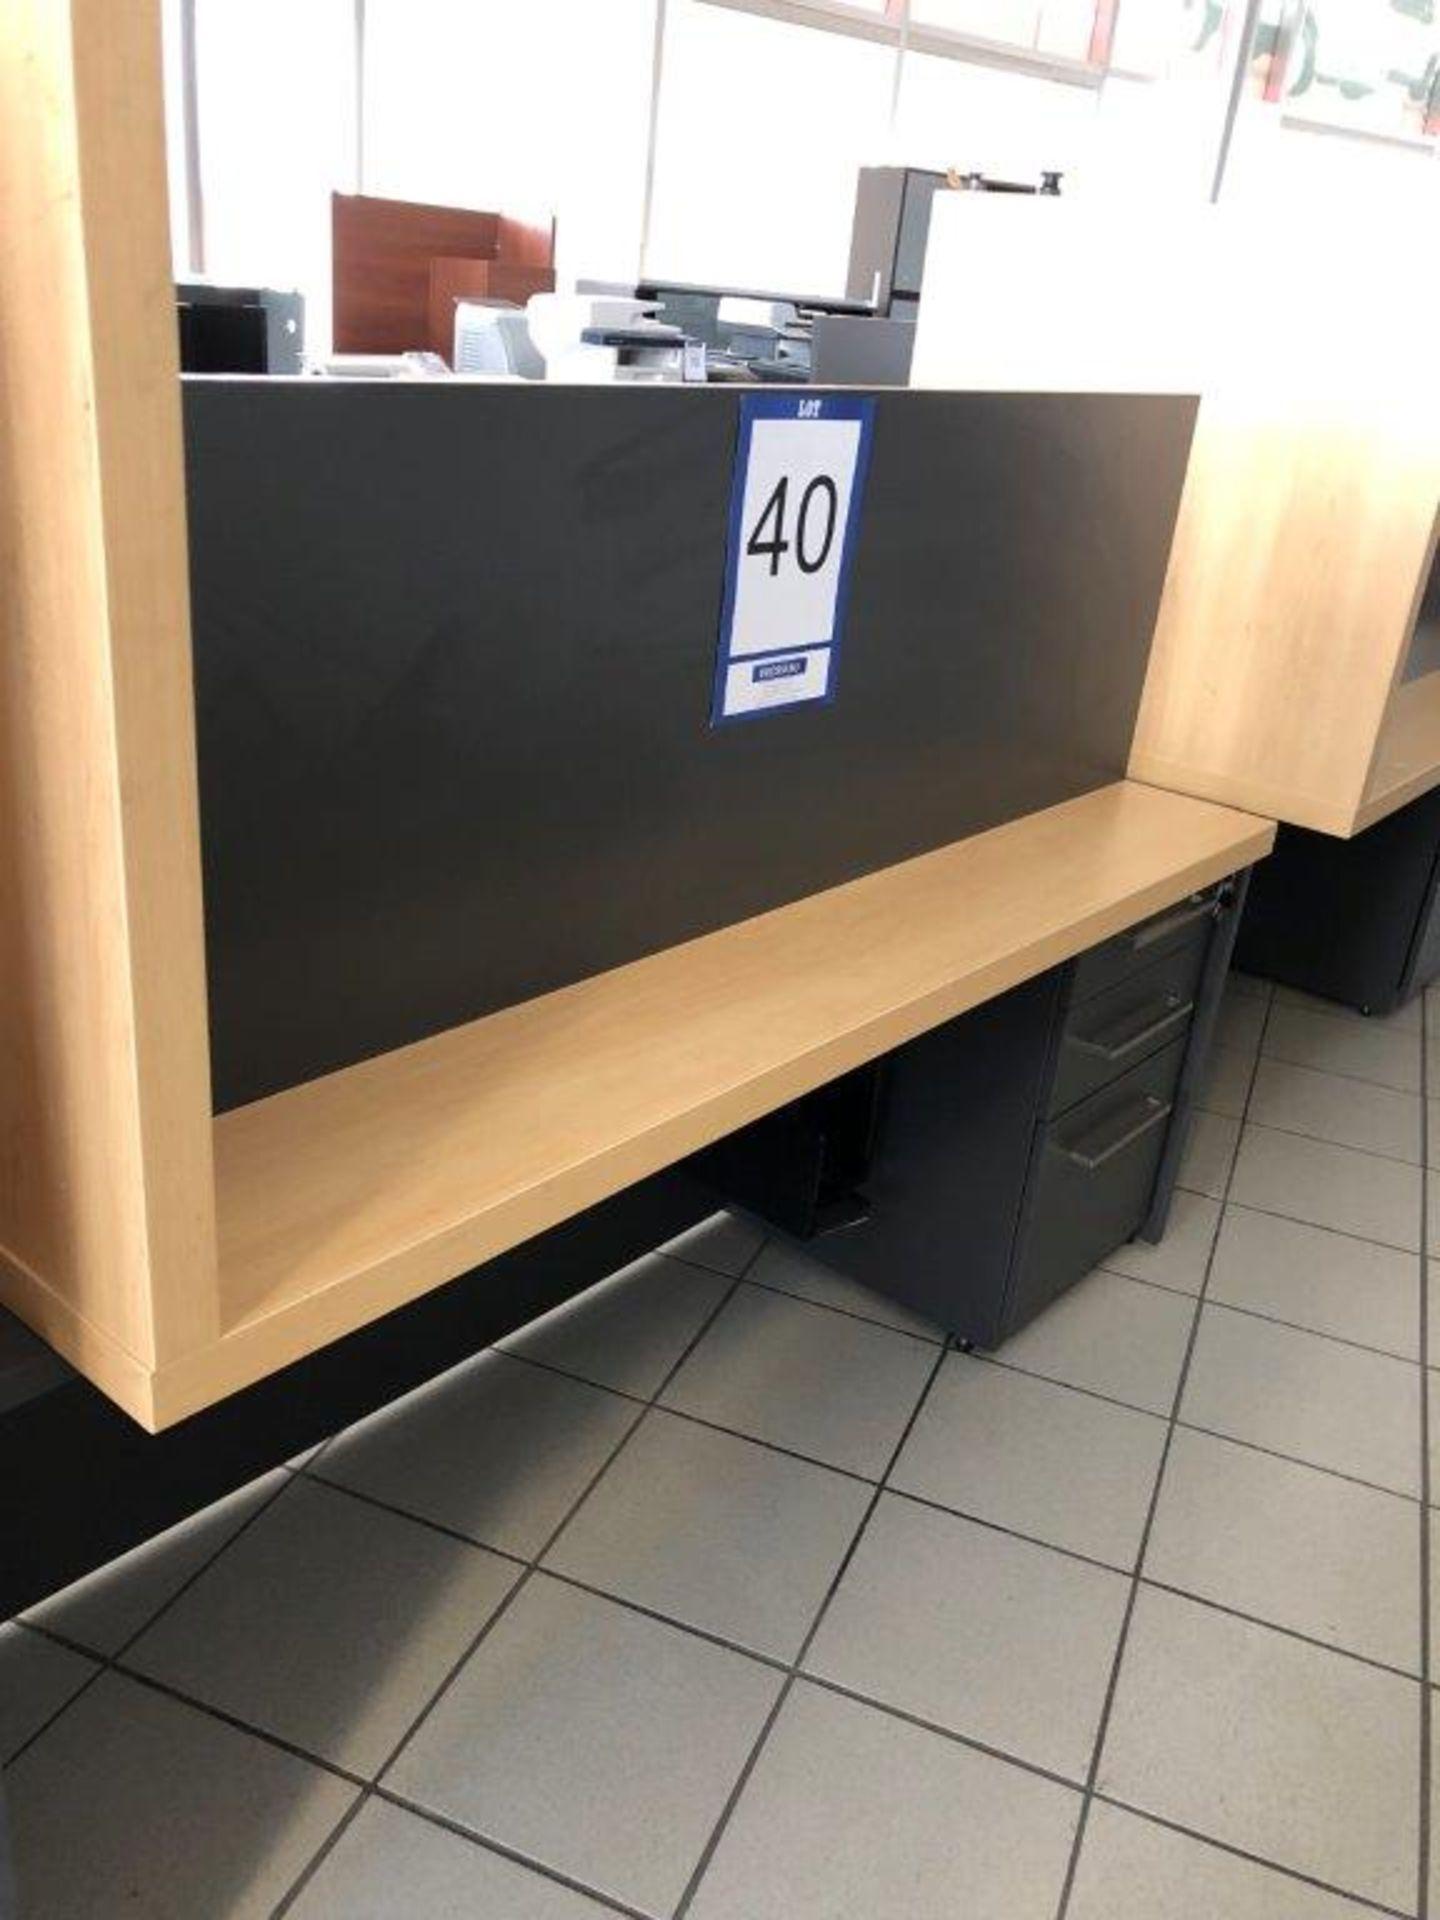 Lot 40 - Bureau avec retour, tiroir pour clavier et cabinet 4 tiroirs